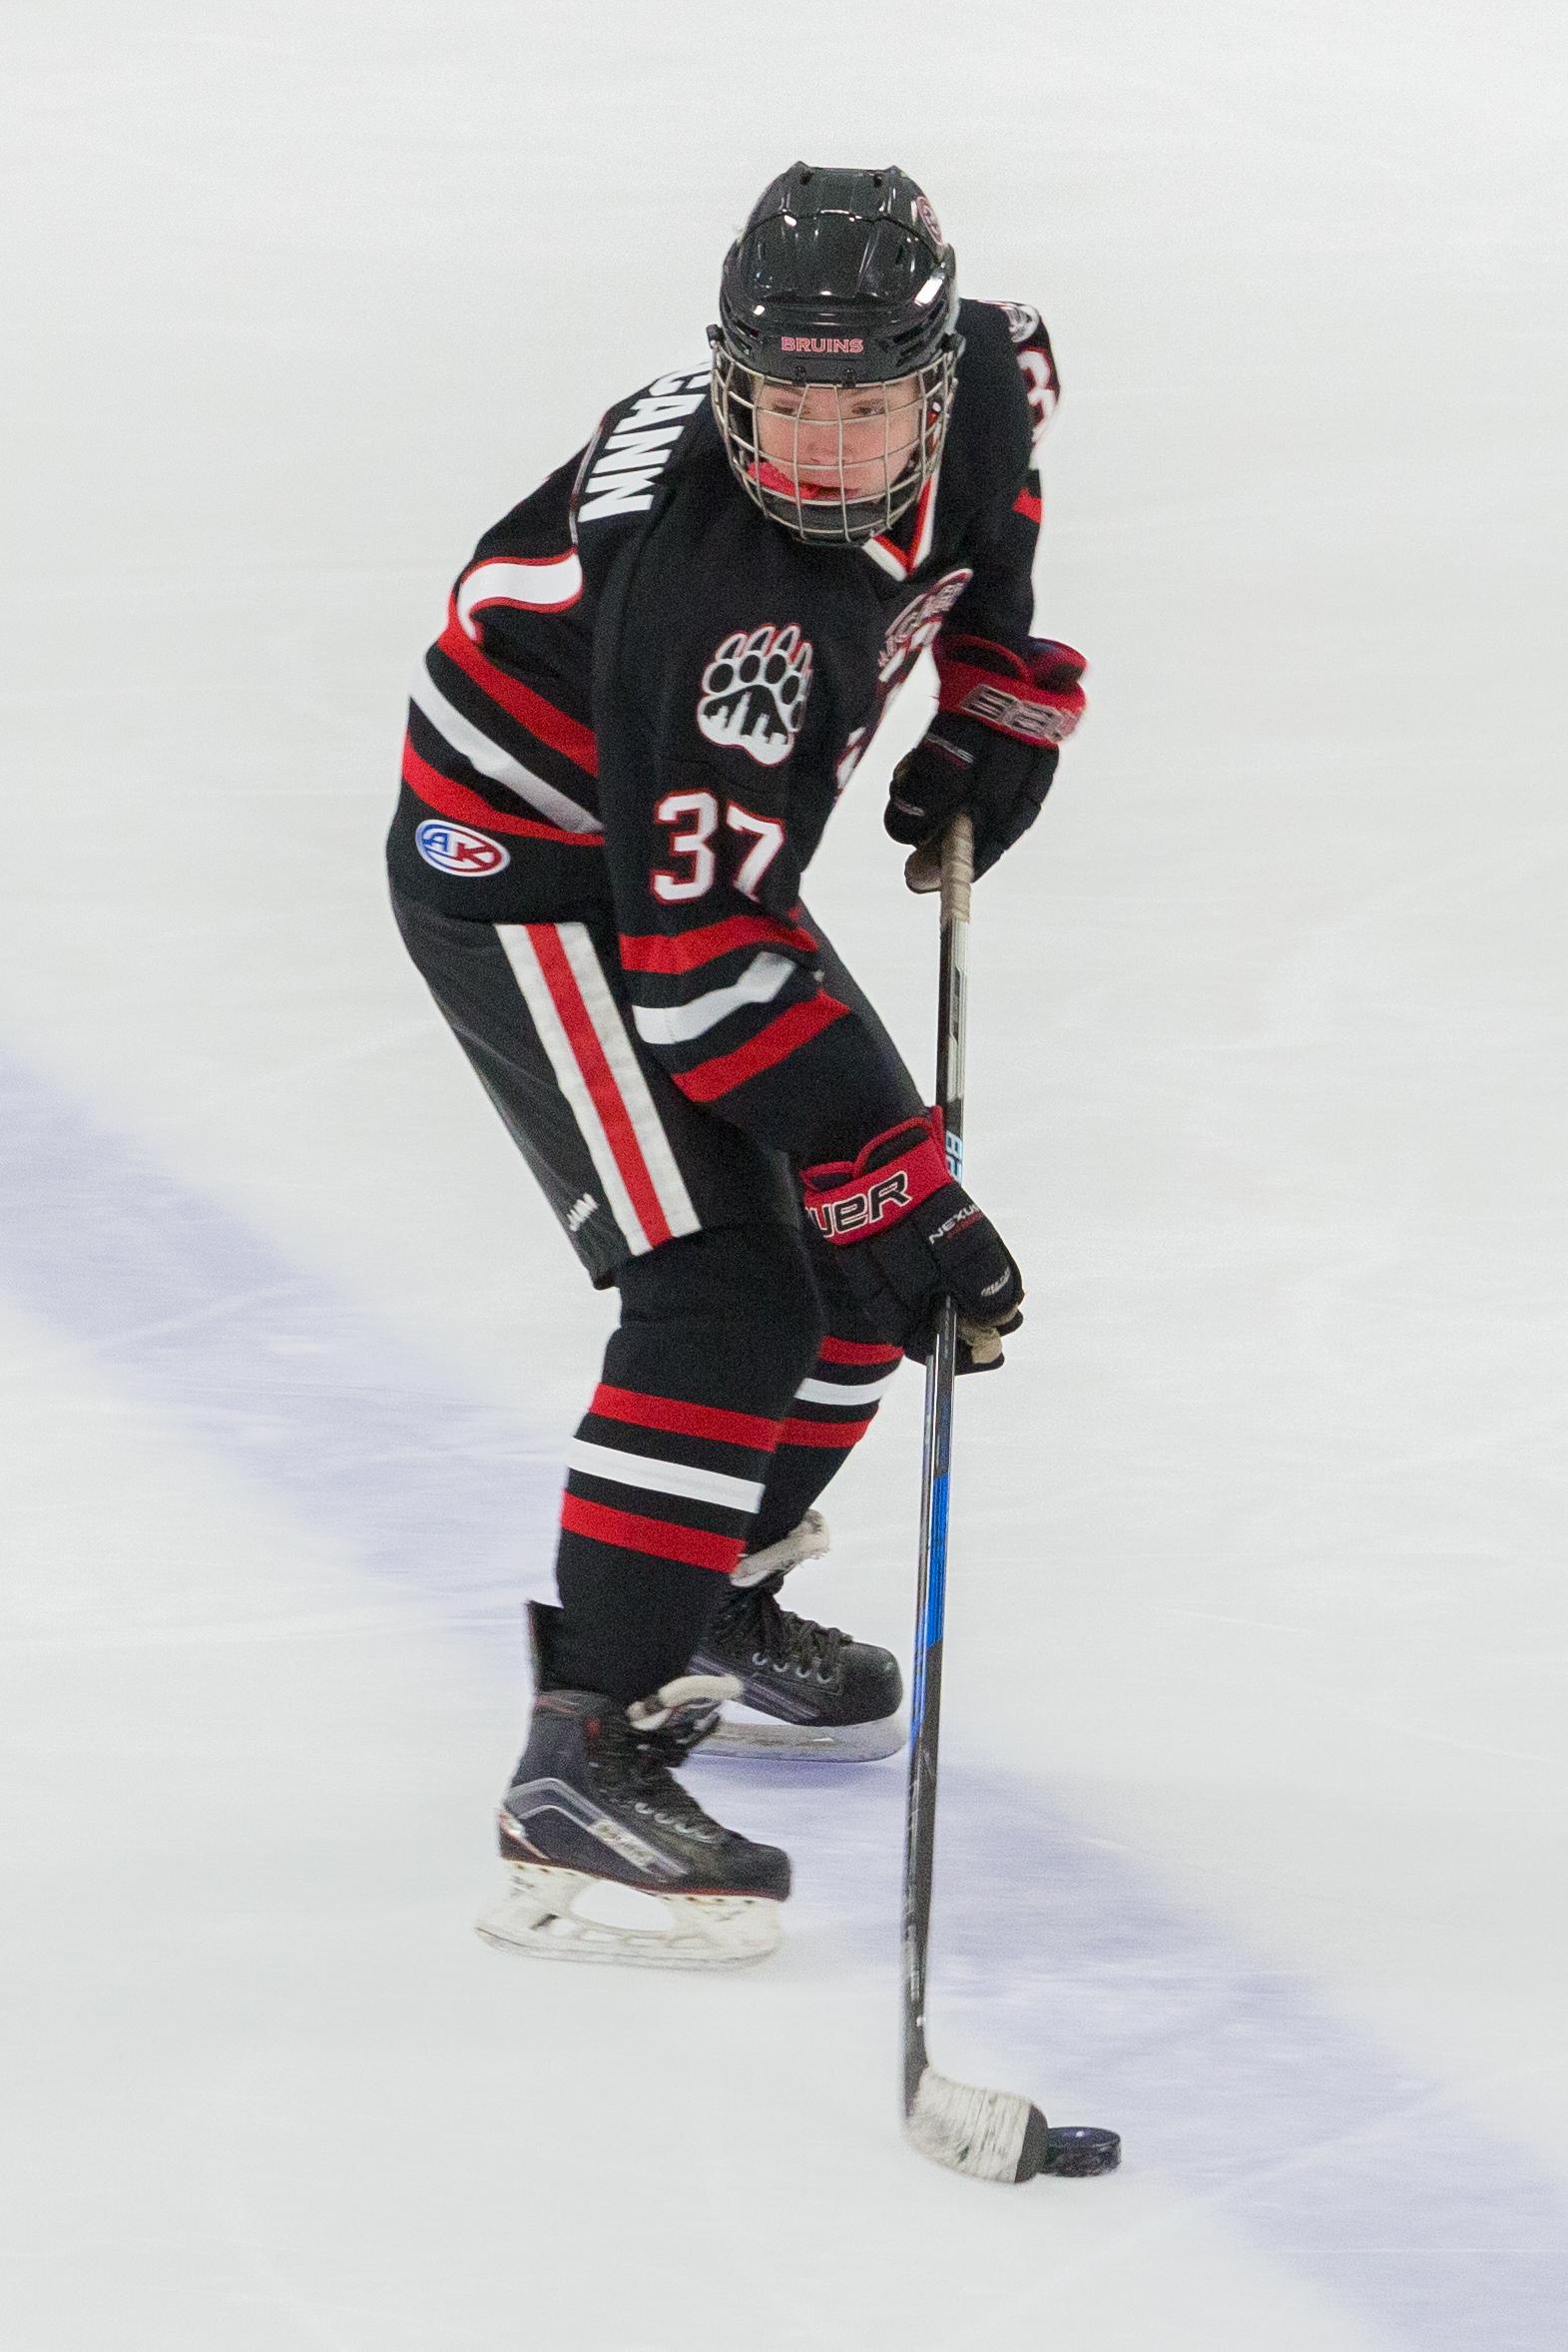 Bruins CS 2005 game 11-12-17 027